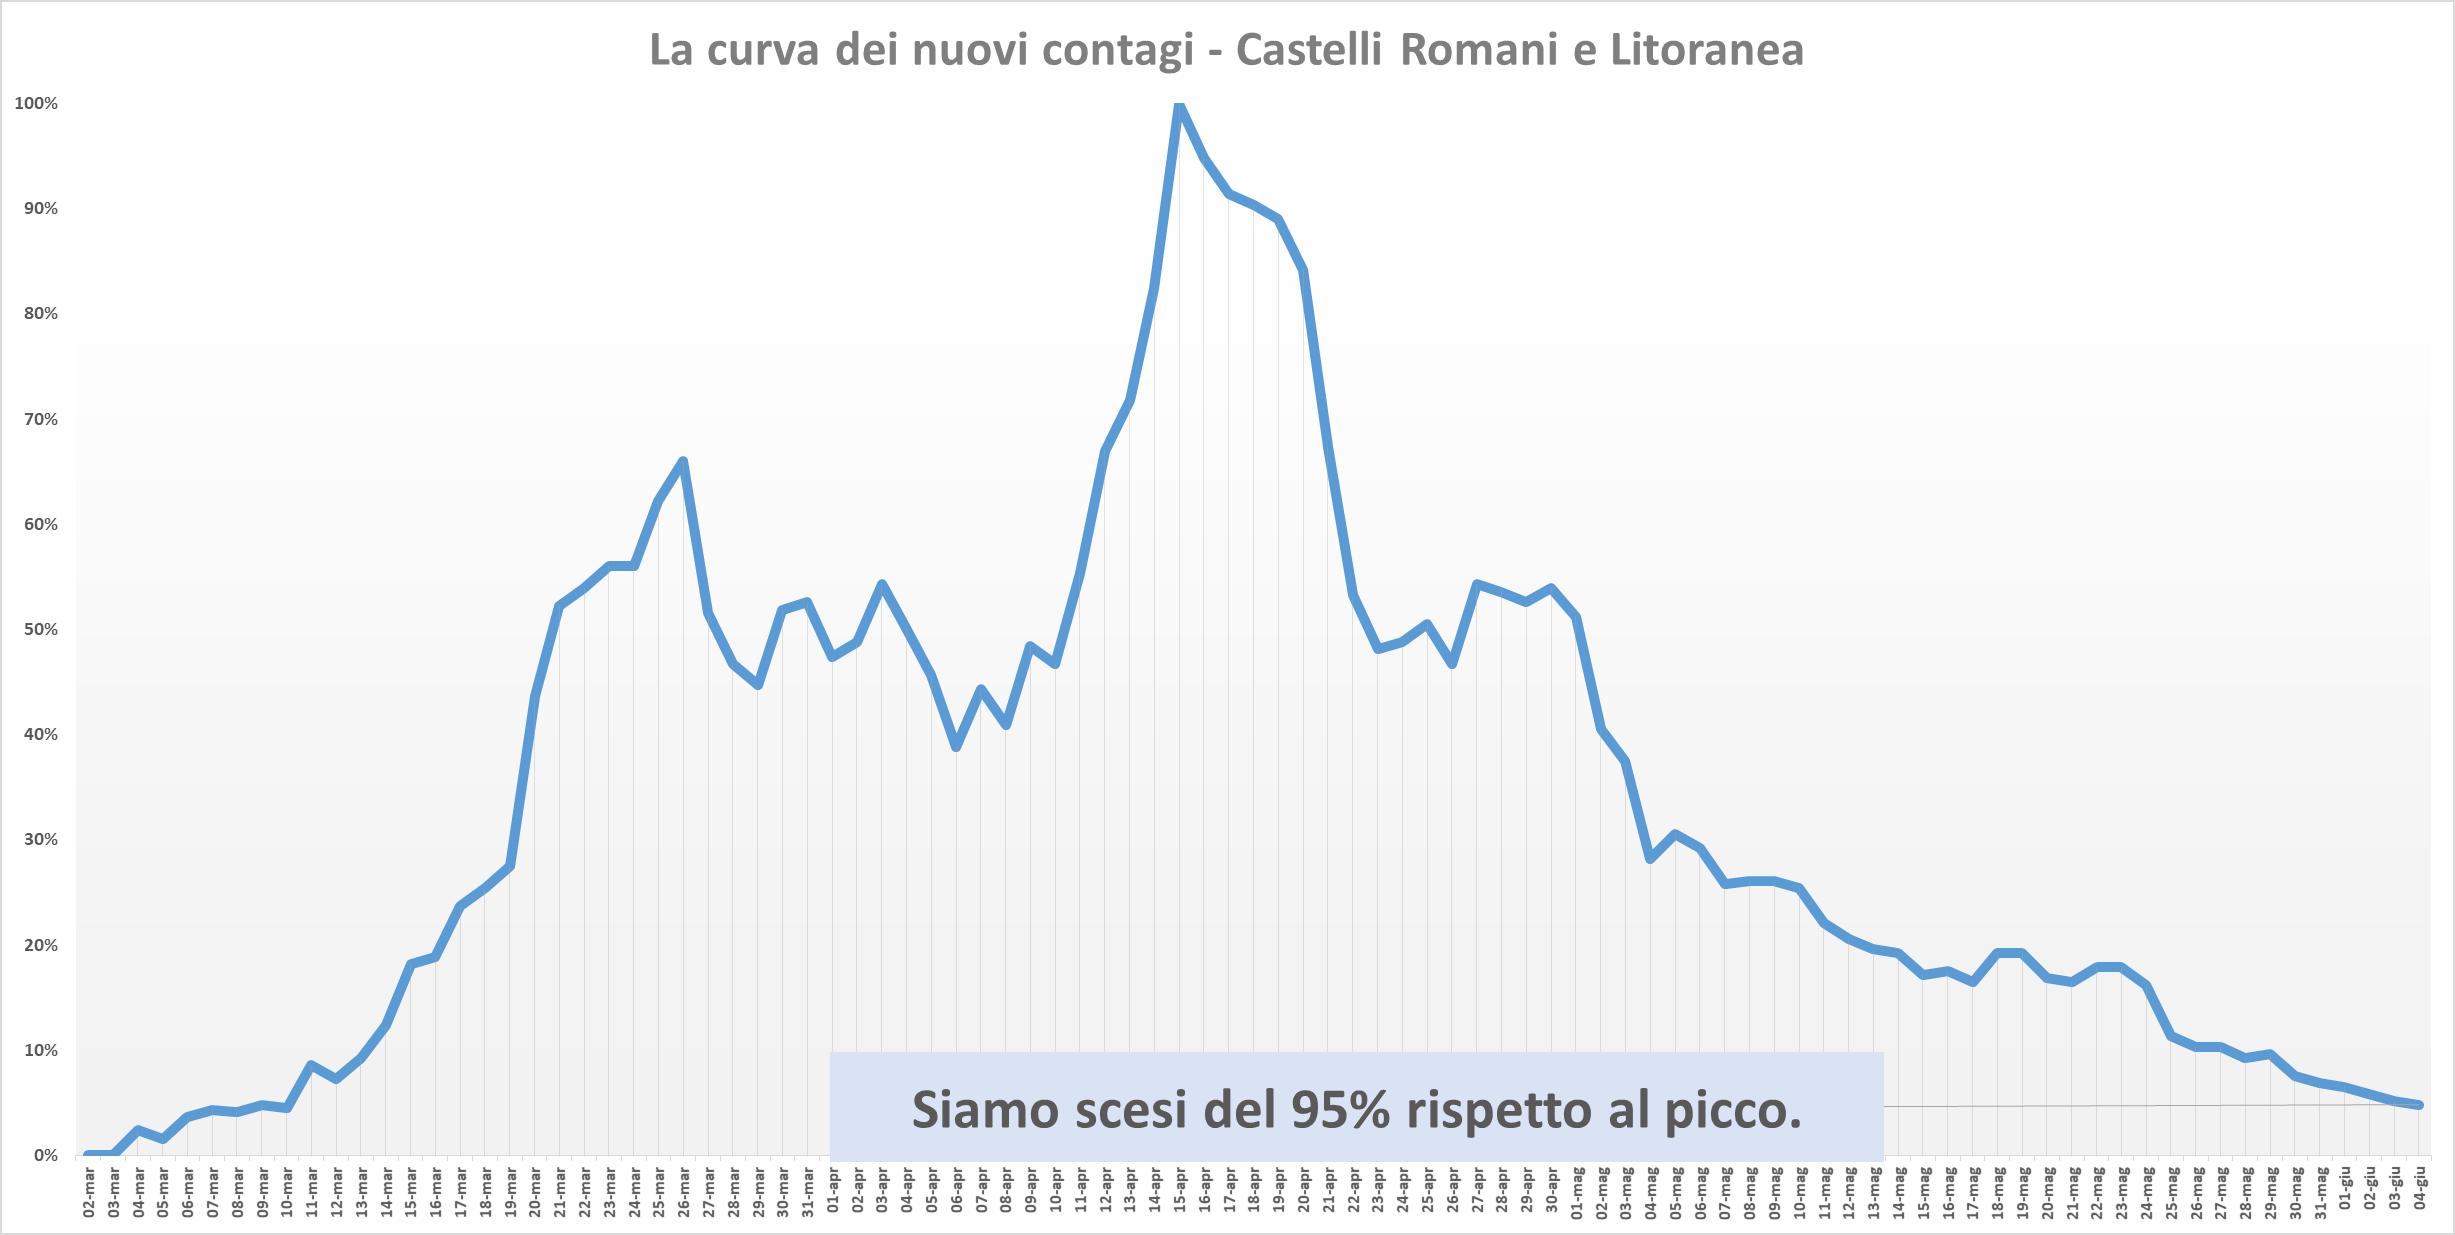 Coronavirus Lazio, casi in aumento: oggi 37 positivi, 18 sono d'importazione. Tanti i giovani contagiati in vacanza